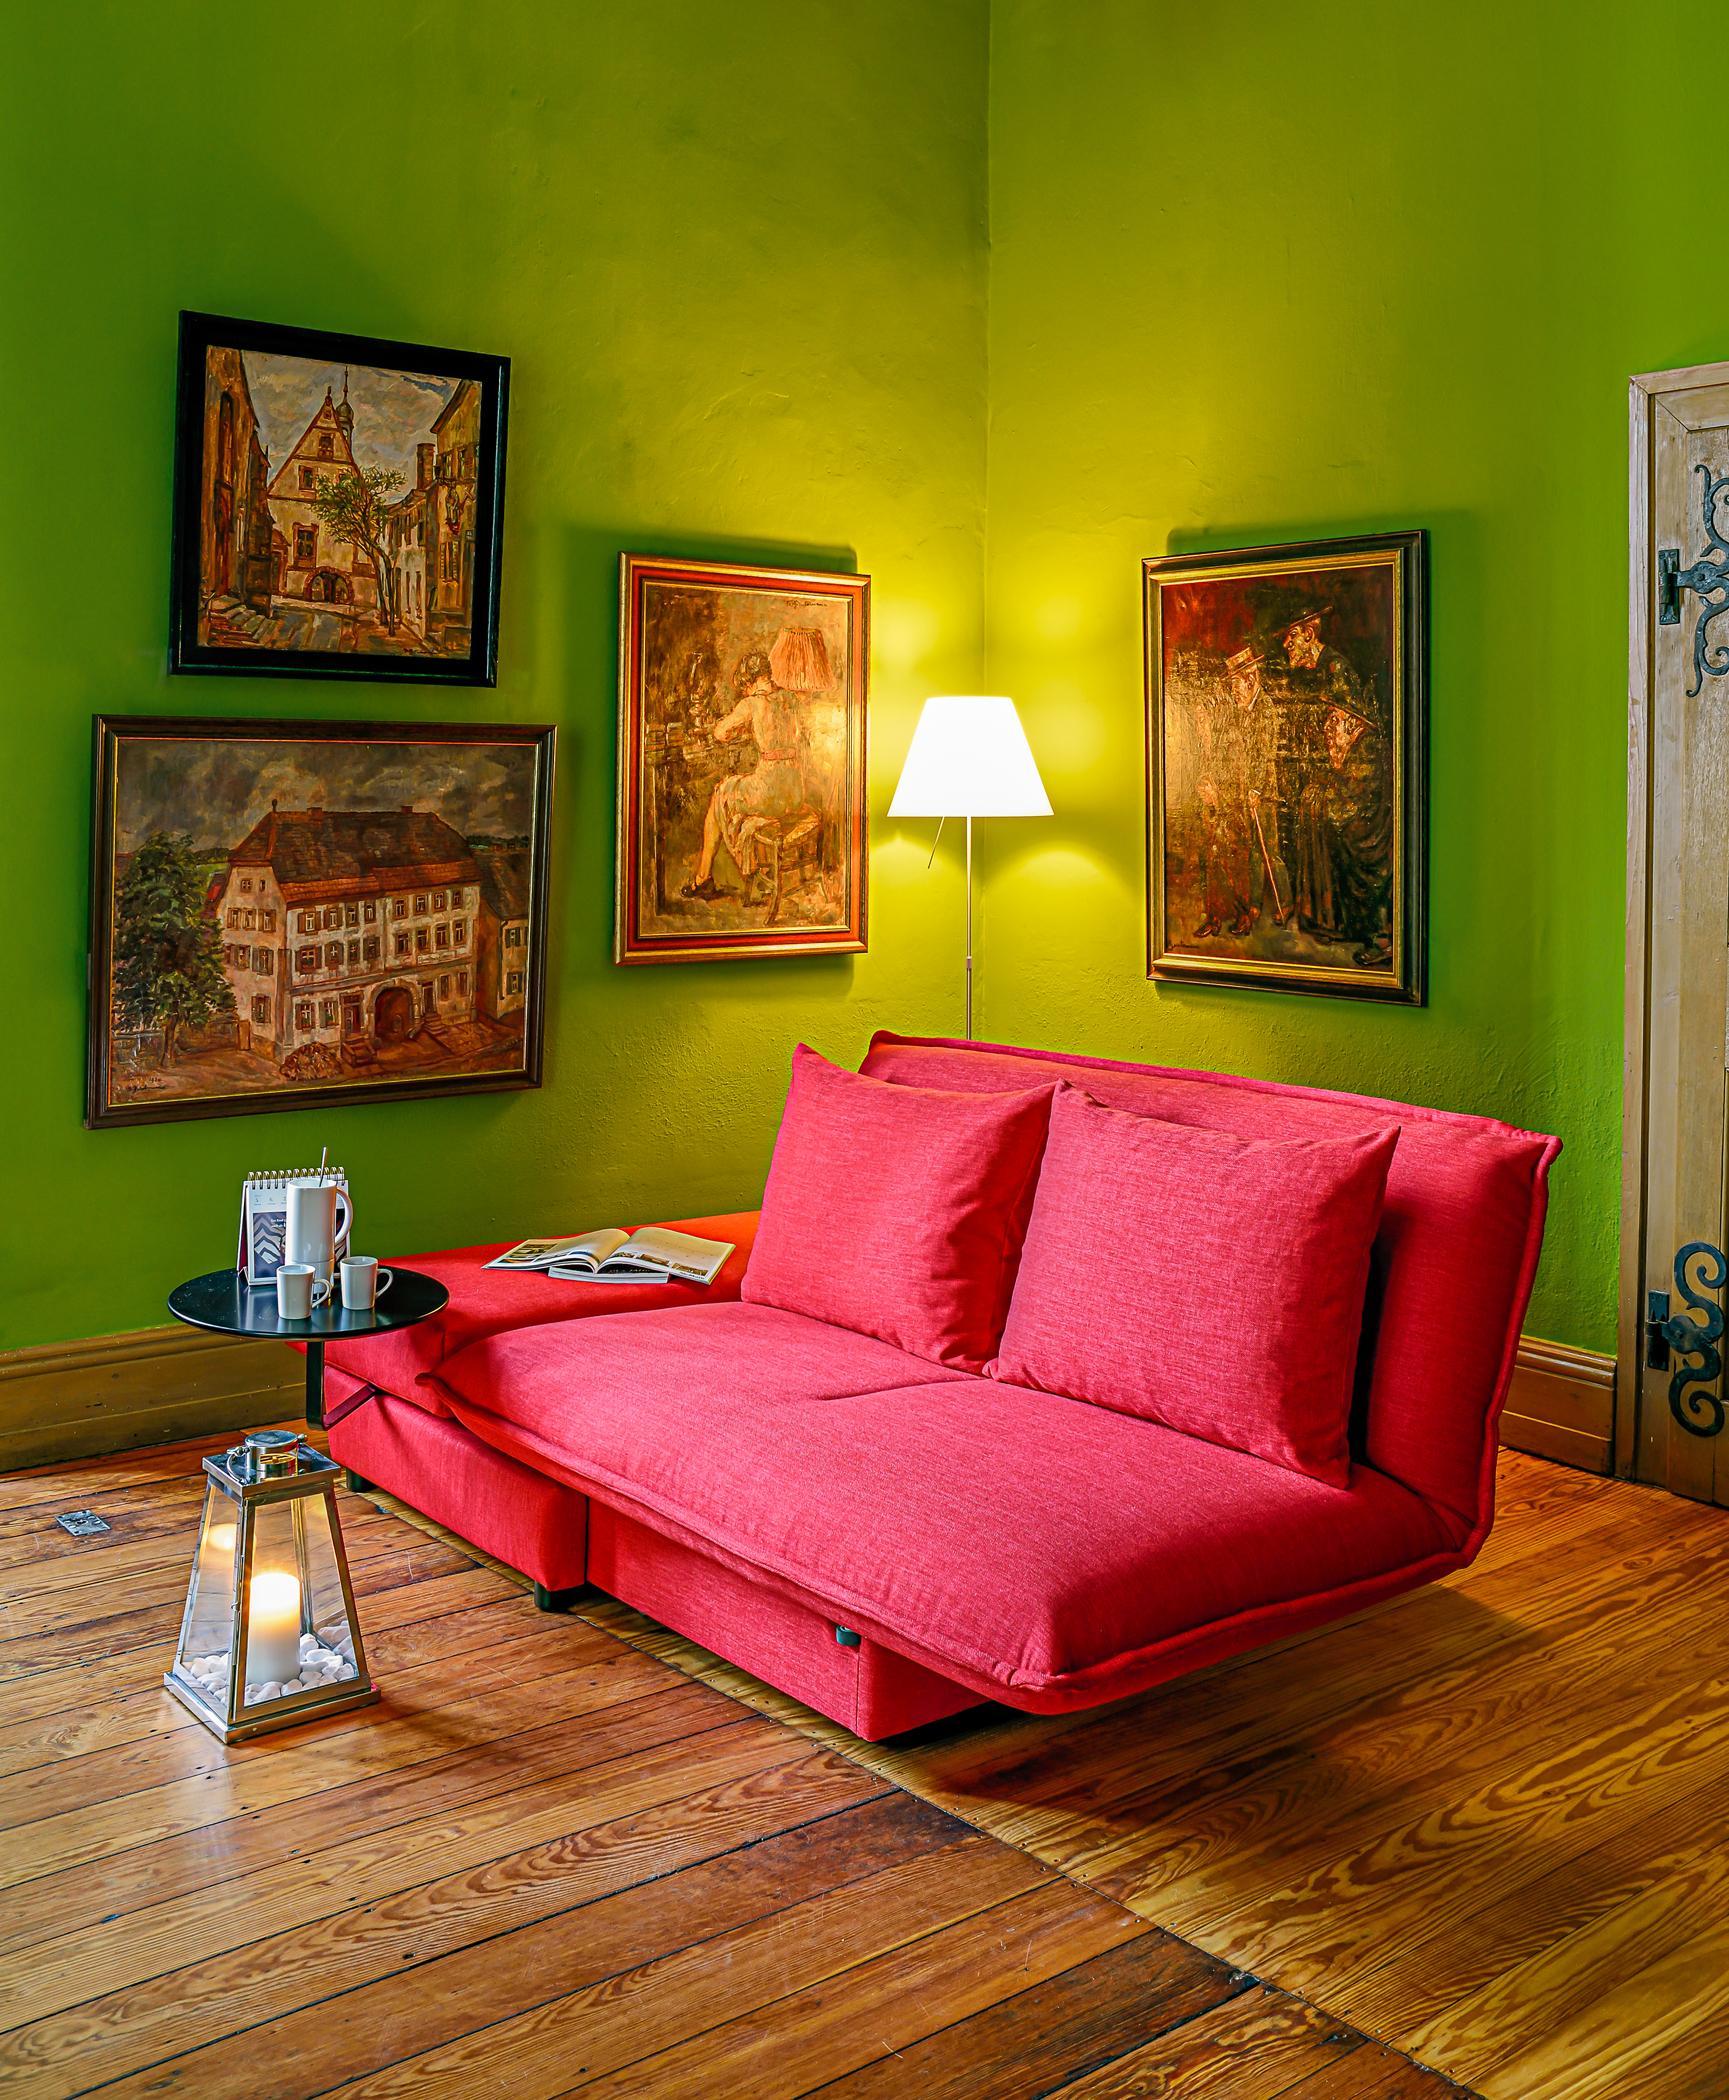 93 wohnzimmerlampe rot pendelleuchte lampe for Wohnzimmer 50er stil